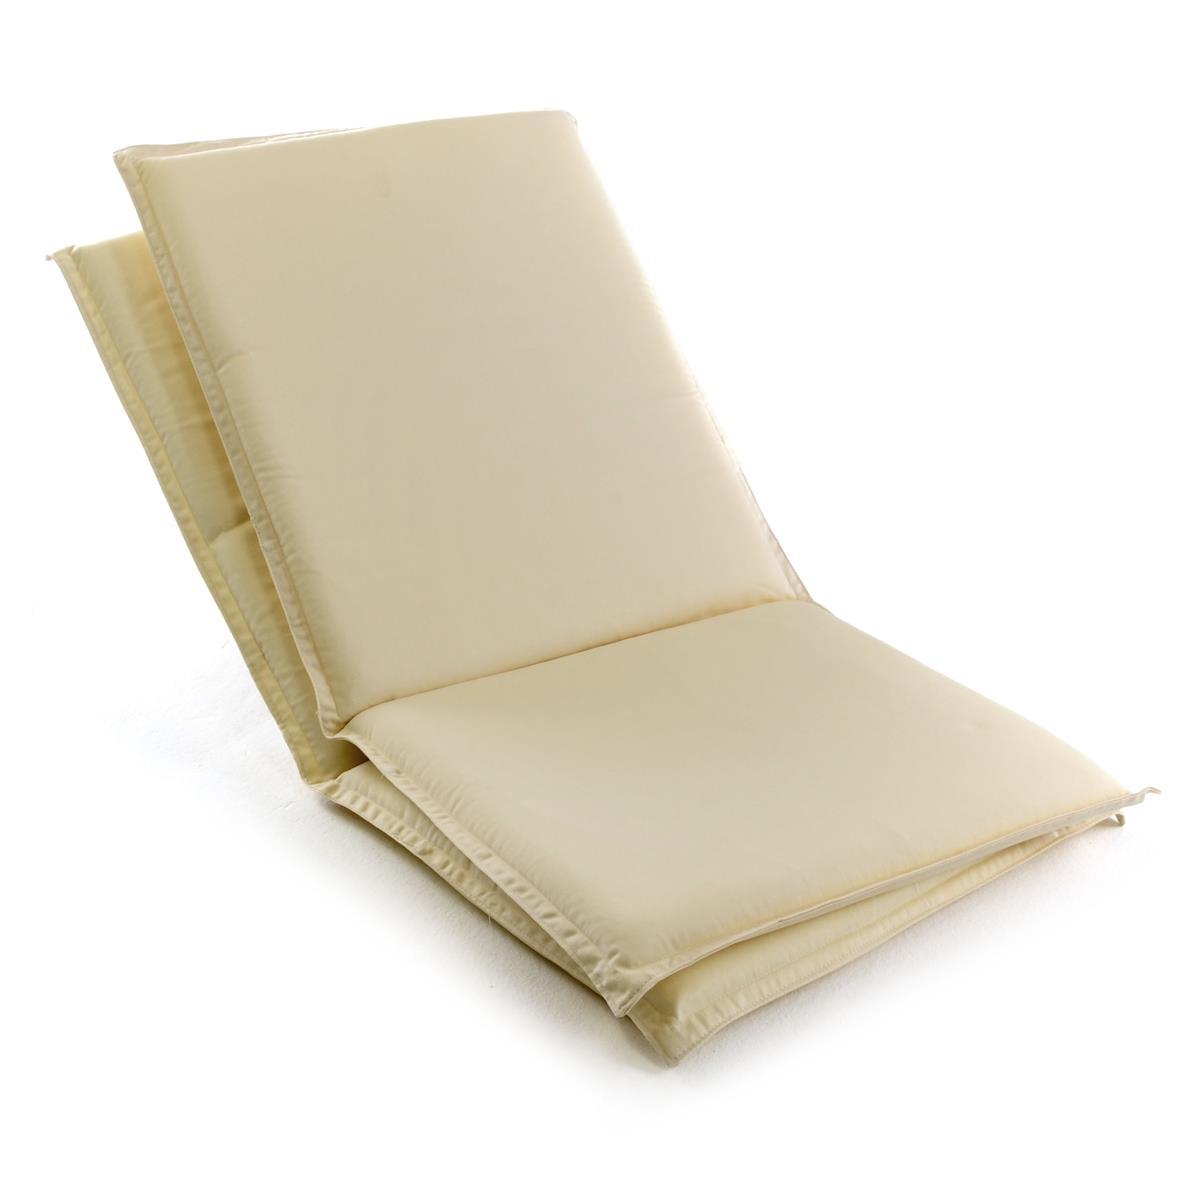 DIVERO 2er Set Sitzauflage Stuhlauflage Hochlehner Gartenstuhl Teak Holz creme